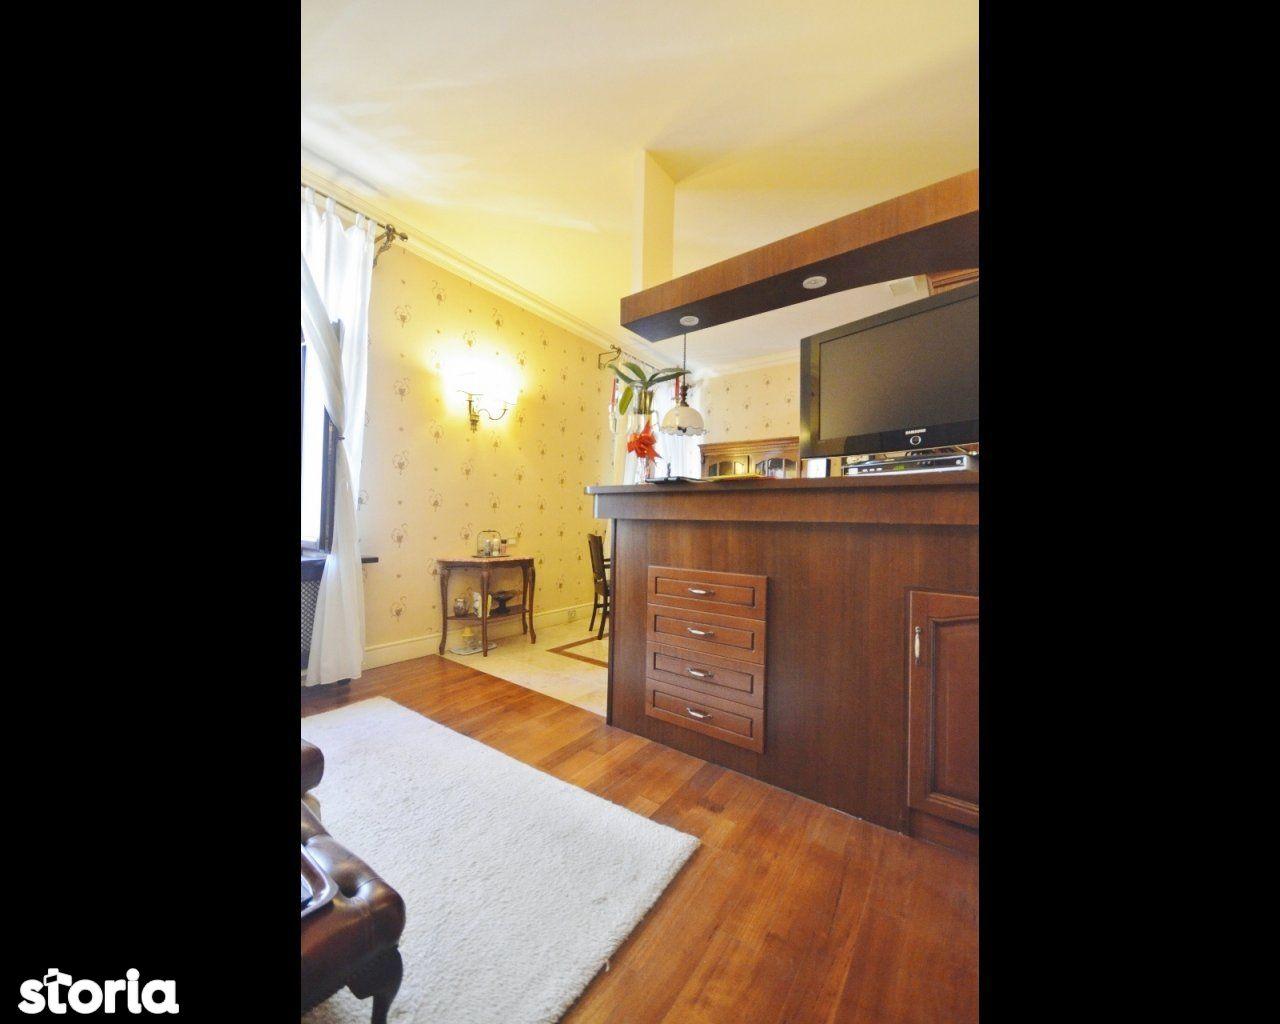 Apartament de vanzare, București (judet), Strada Căderea Bastiliei - Foto 7